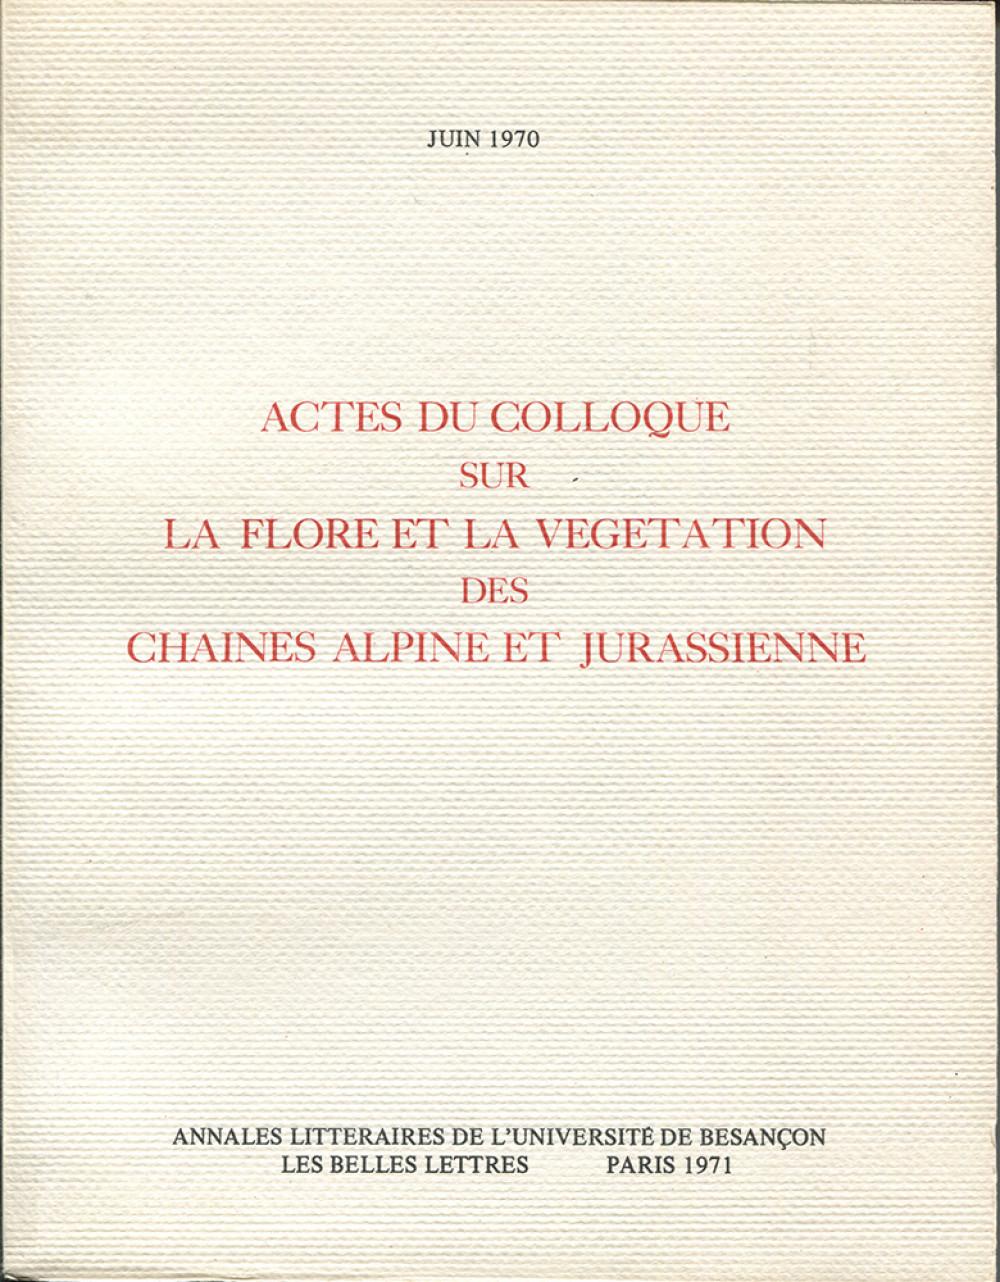 Actes du colloque sur la flore et la végétation des chaînes alpine et jurassienne